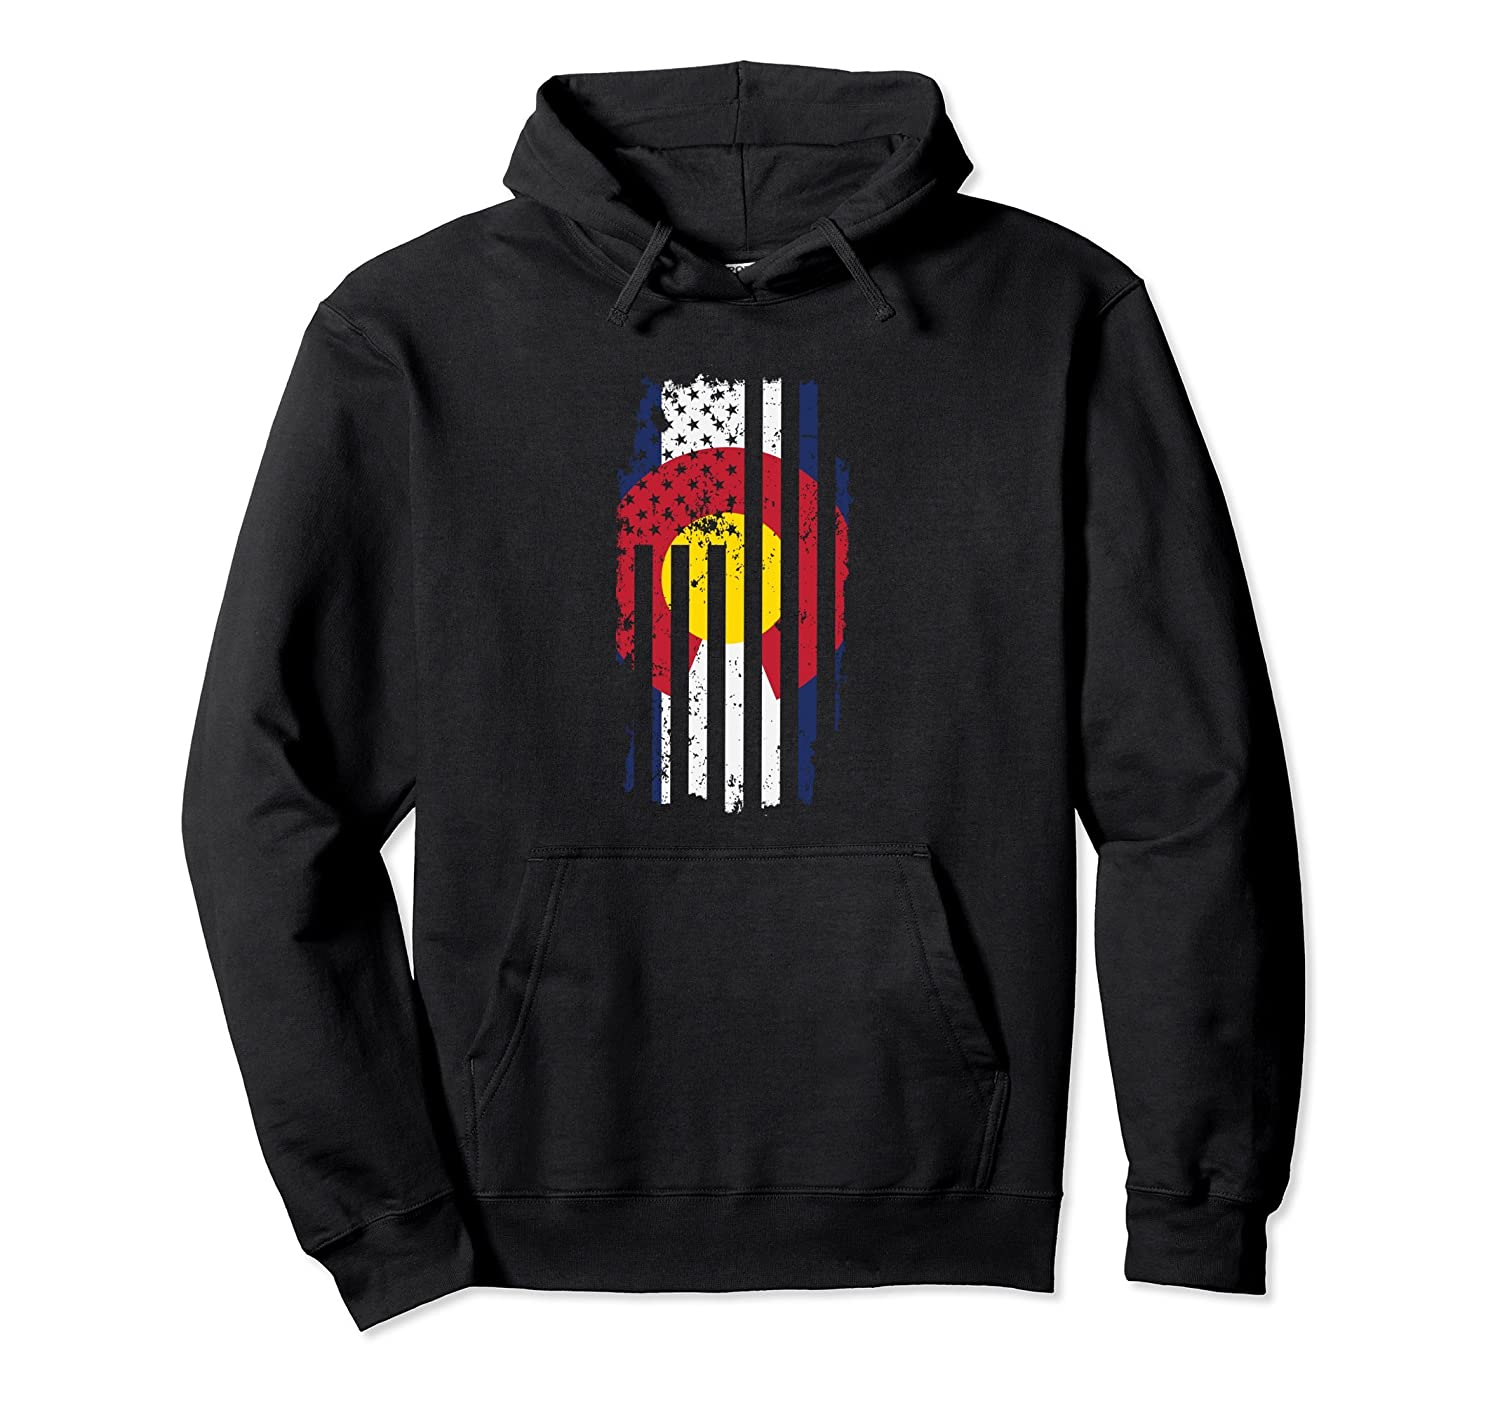 Colorado Vintage State Flag Hoodie-Teechatpro